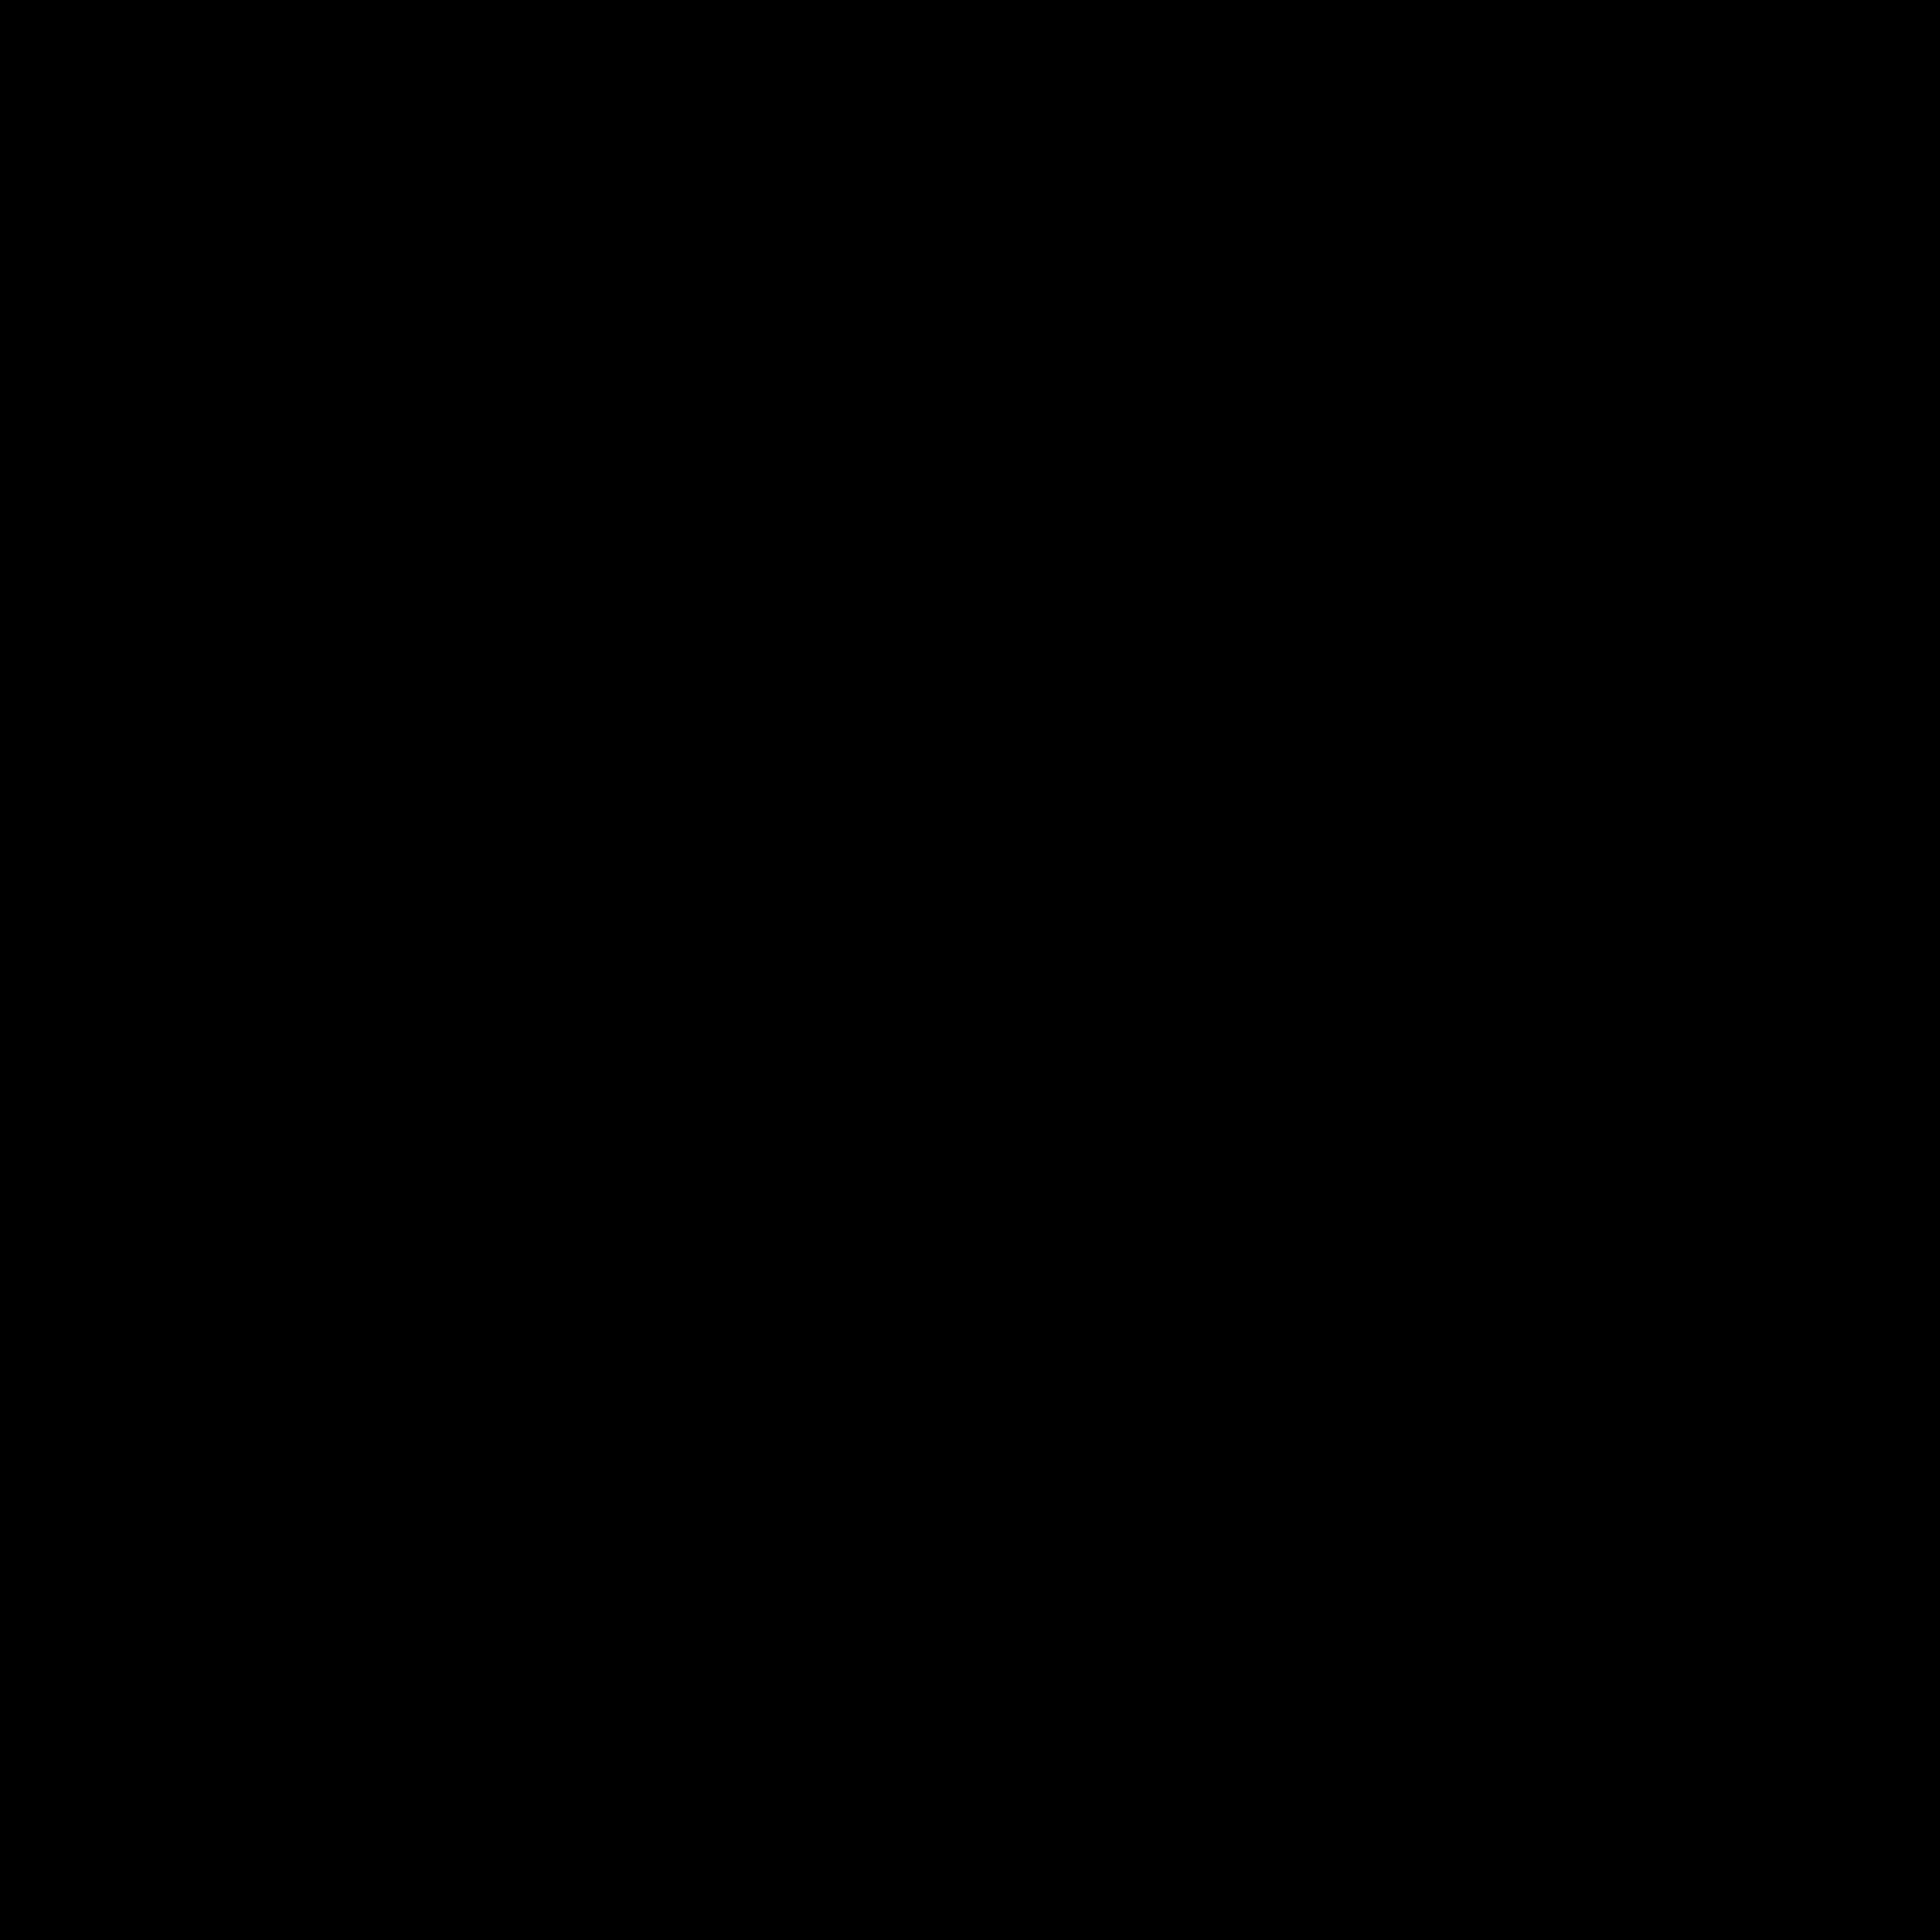 cupra logo 0 - CUPRA Logo